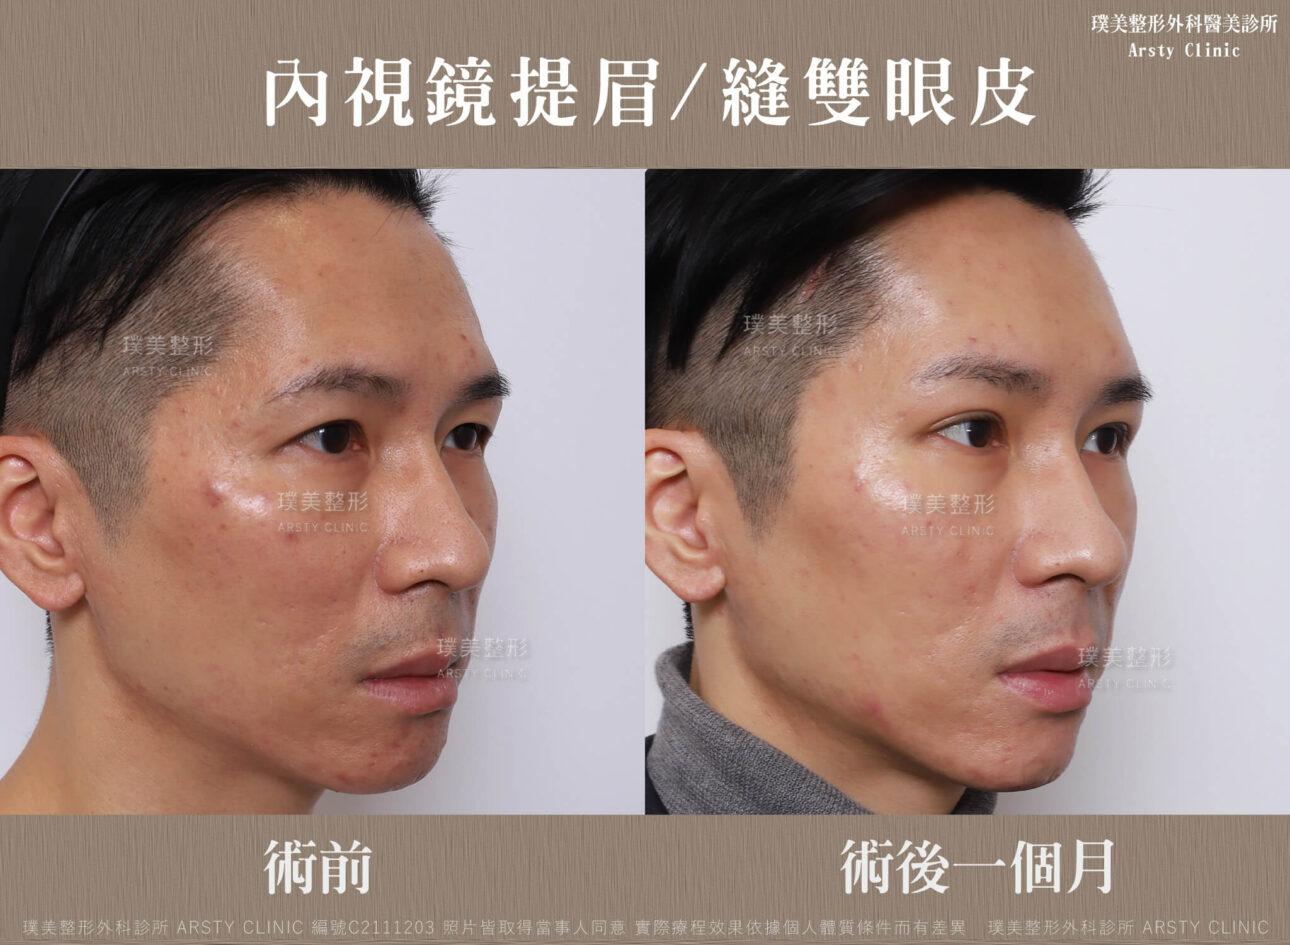 內視鏡提眉 縫雙眼皮 C211203BA1M03